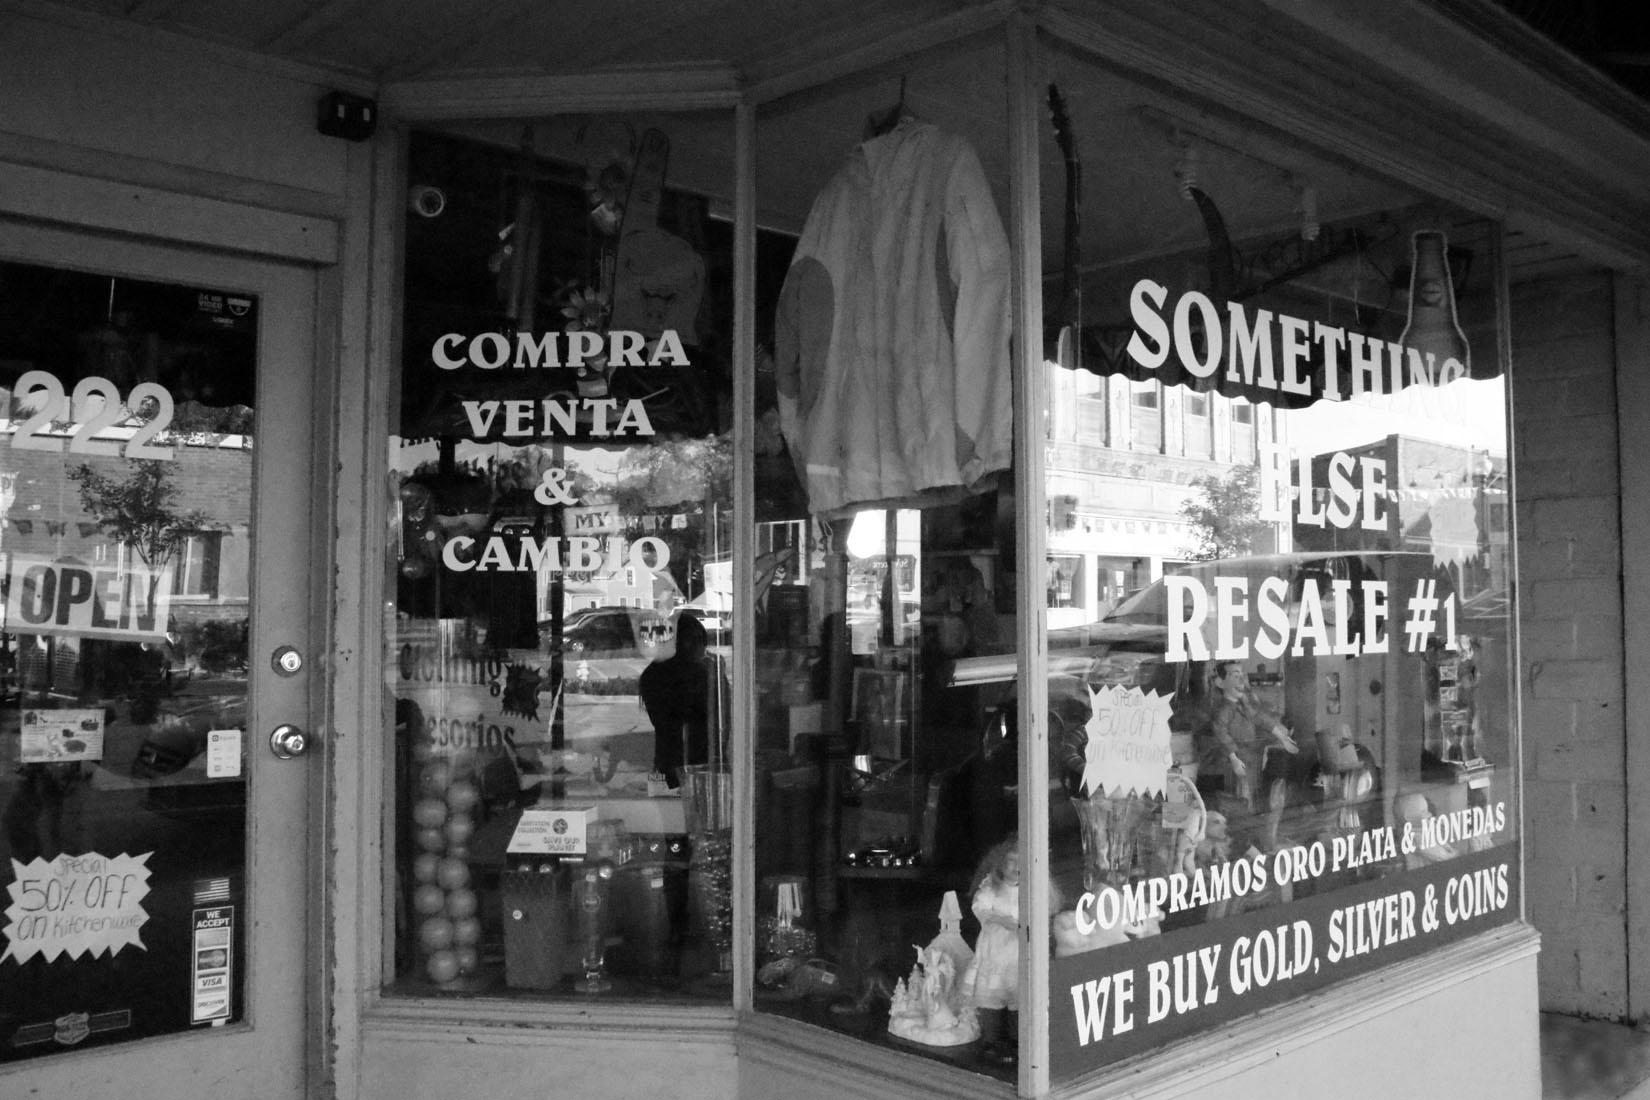 Digital Photo of Something Else Resale storefront